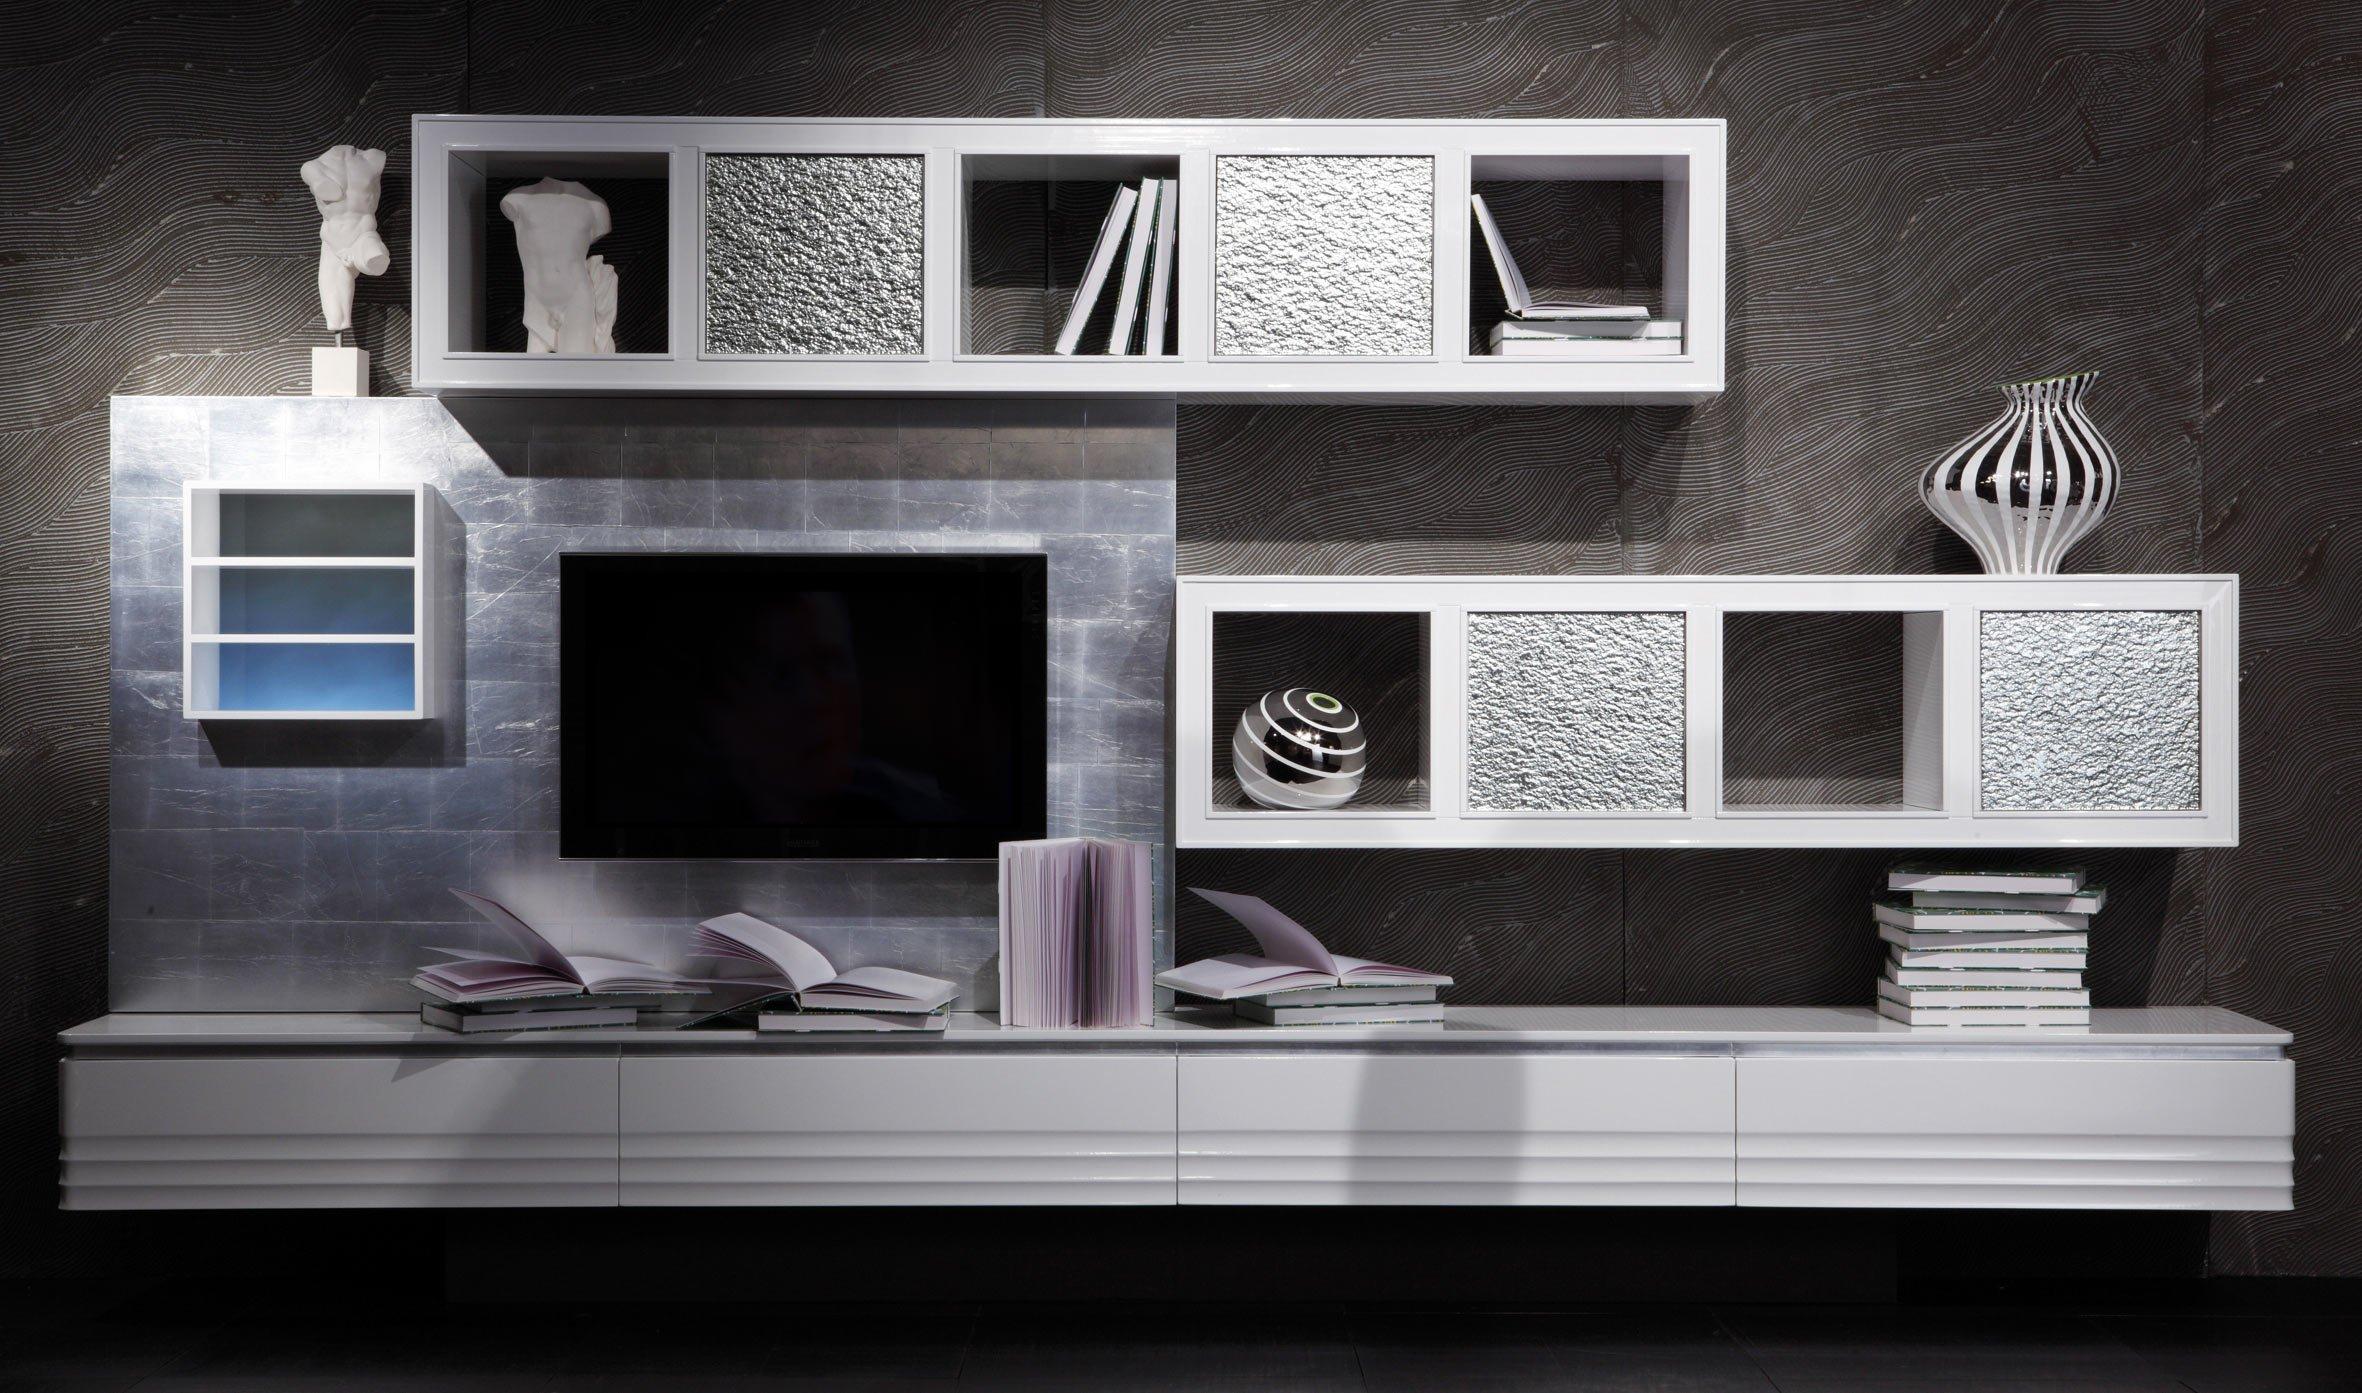 Salone del Mobile 2014: le nuove librerie e pareti attrezzate - Cose ...